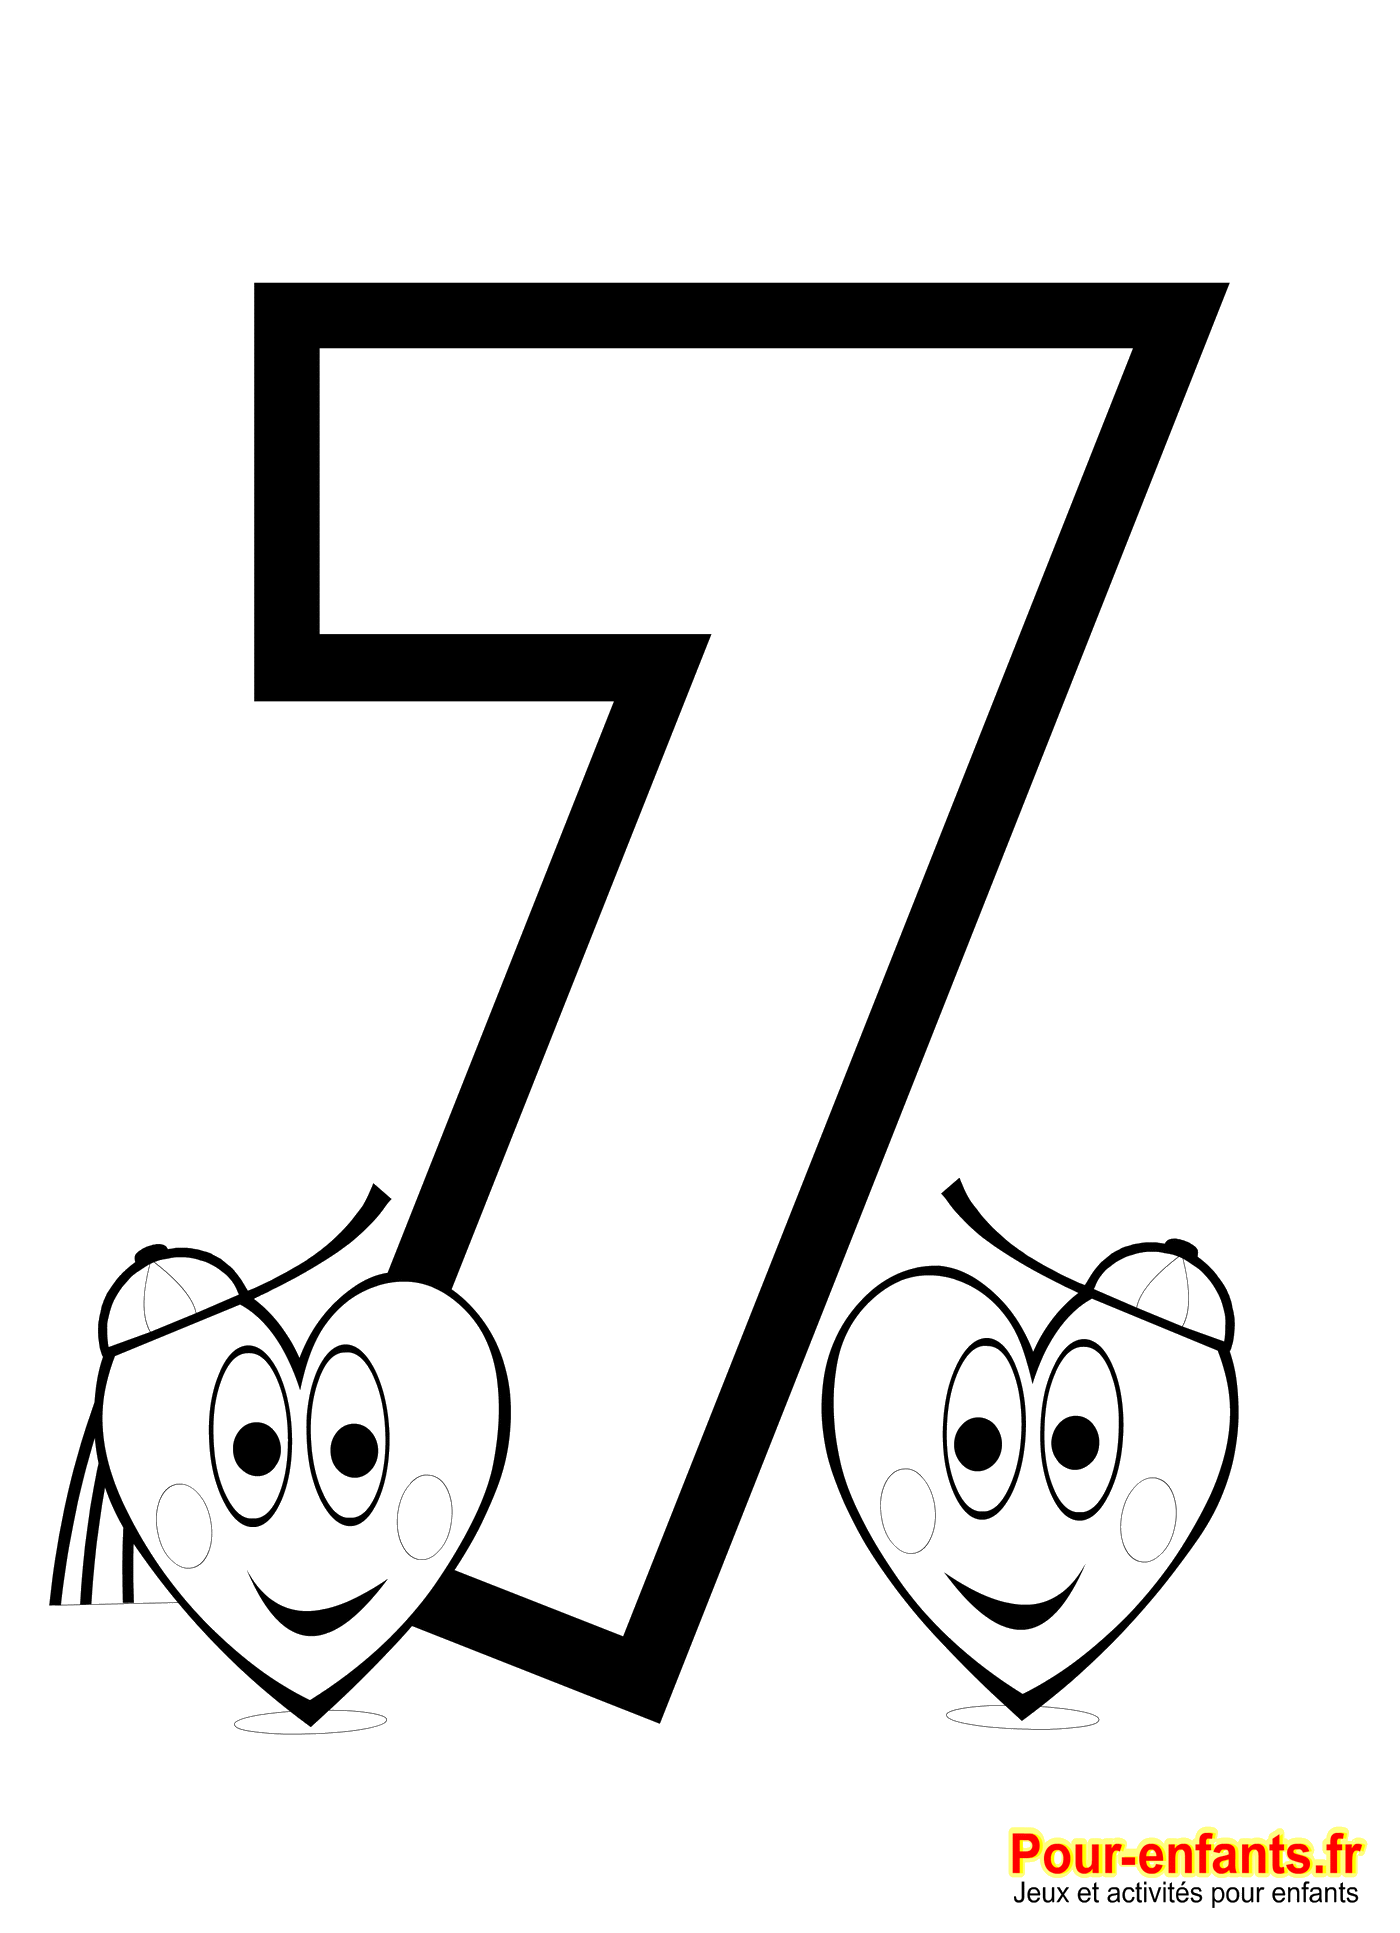 Coloriage chiffre 7 imprimer nombre 7 chiffres sept - Coloriage chiffres ...